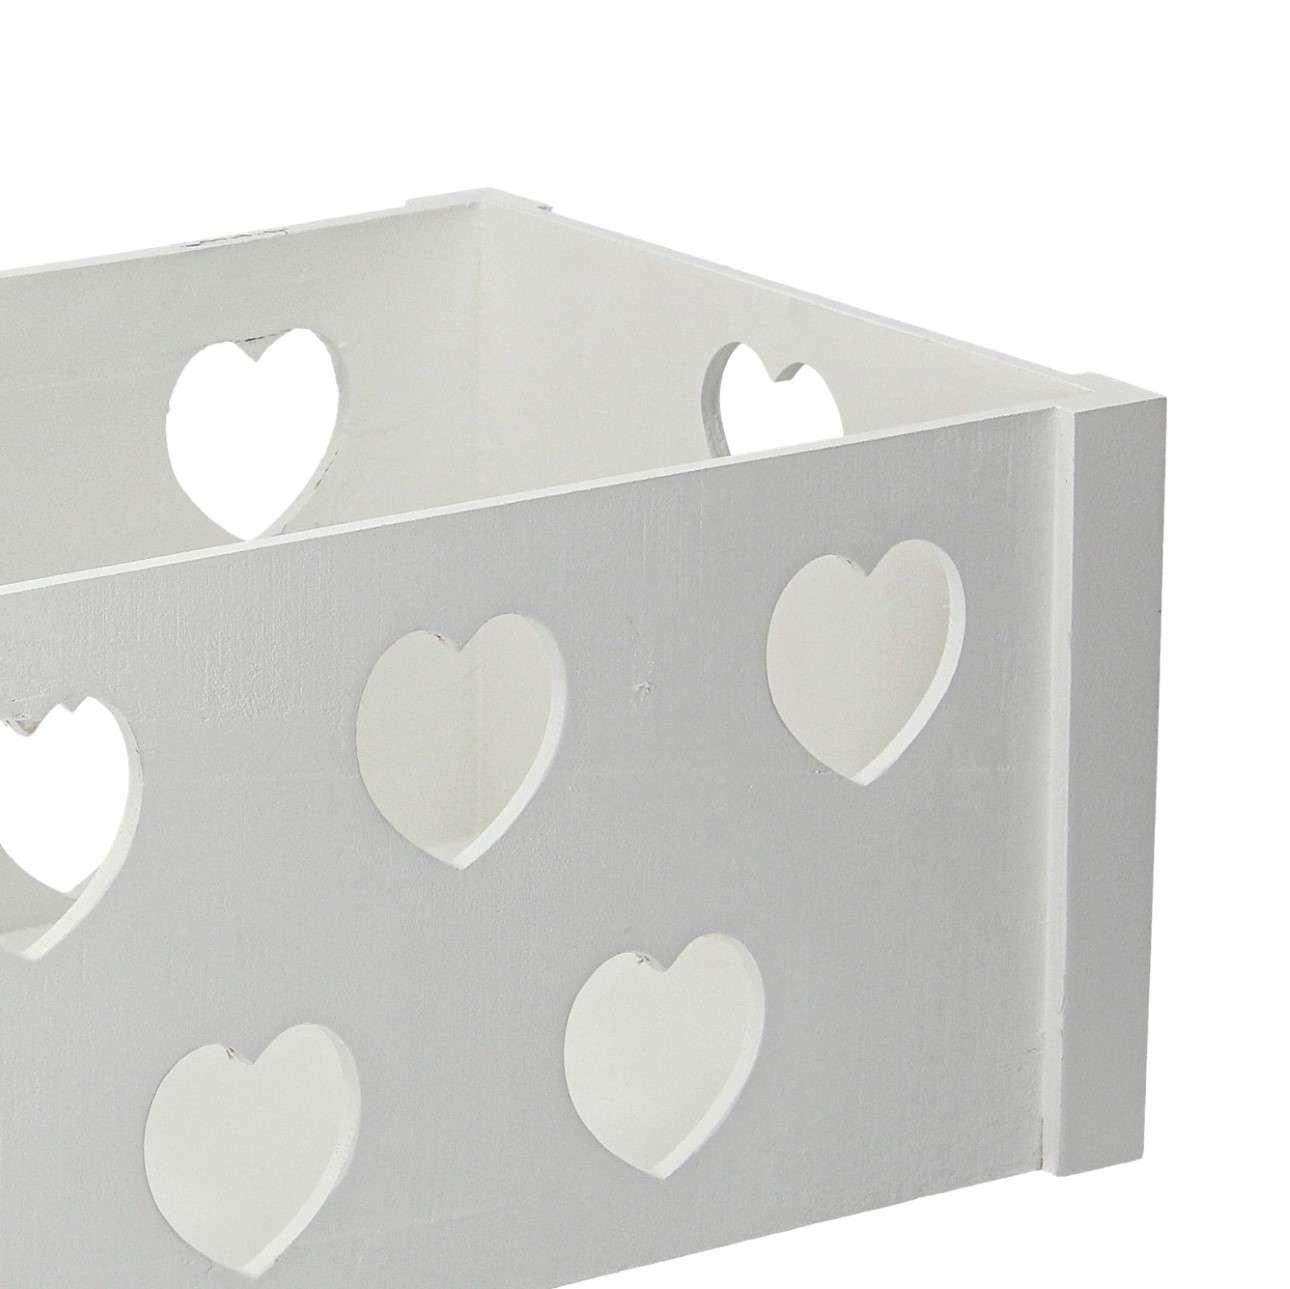 Skrzynka Hearts 35x45x25cm